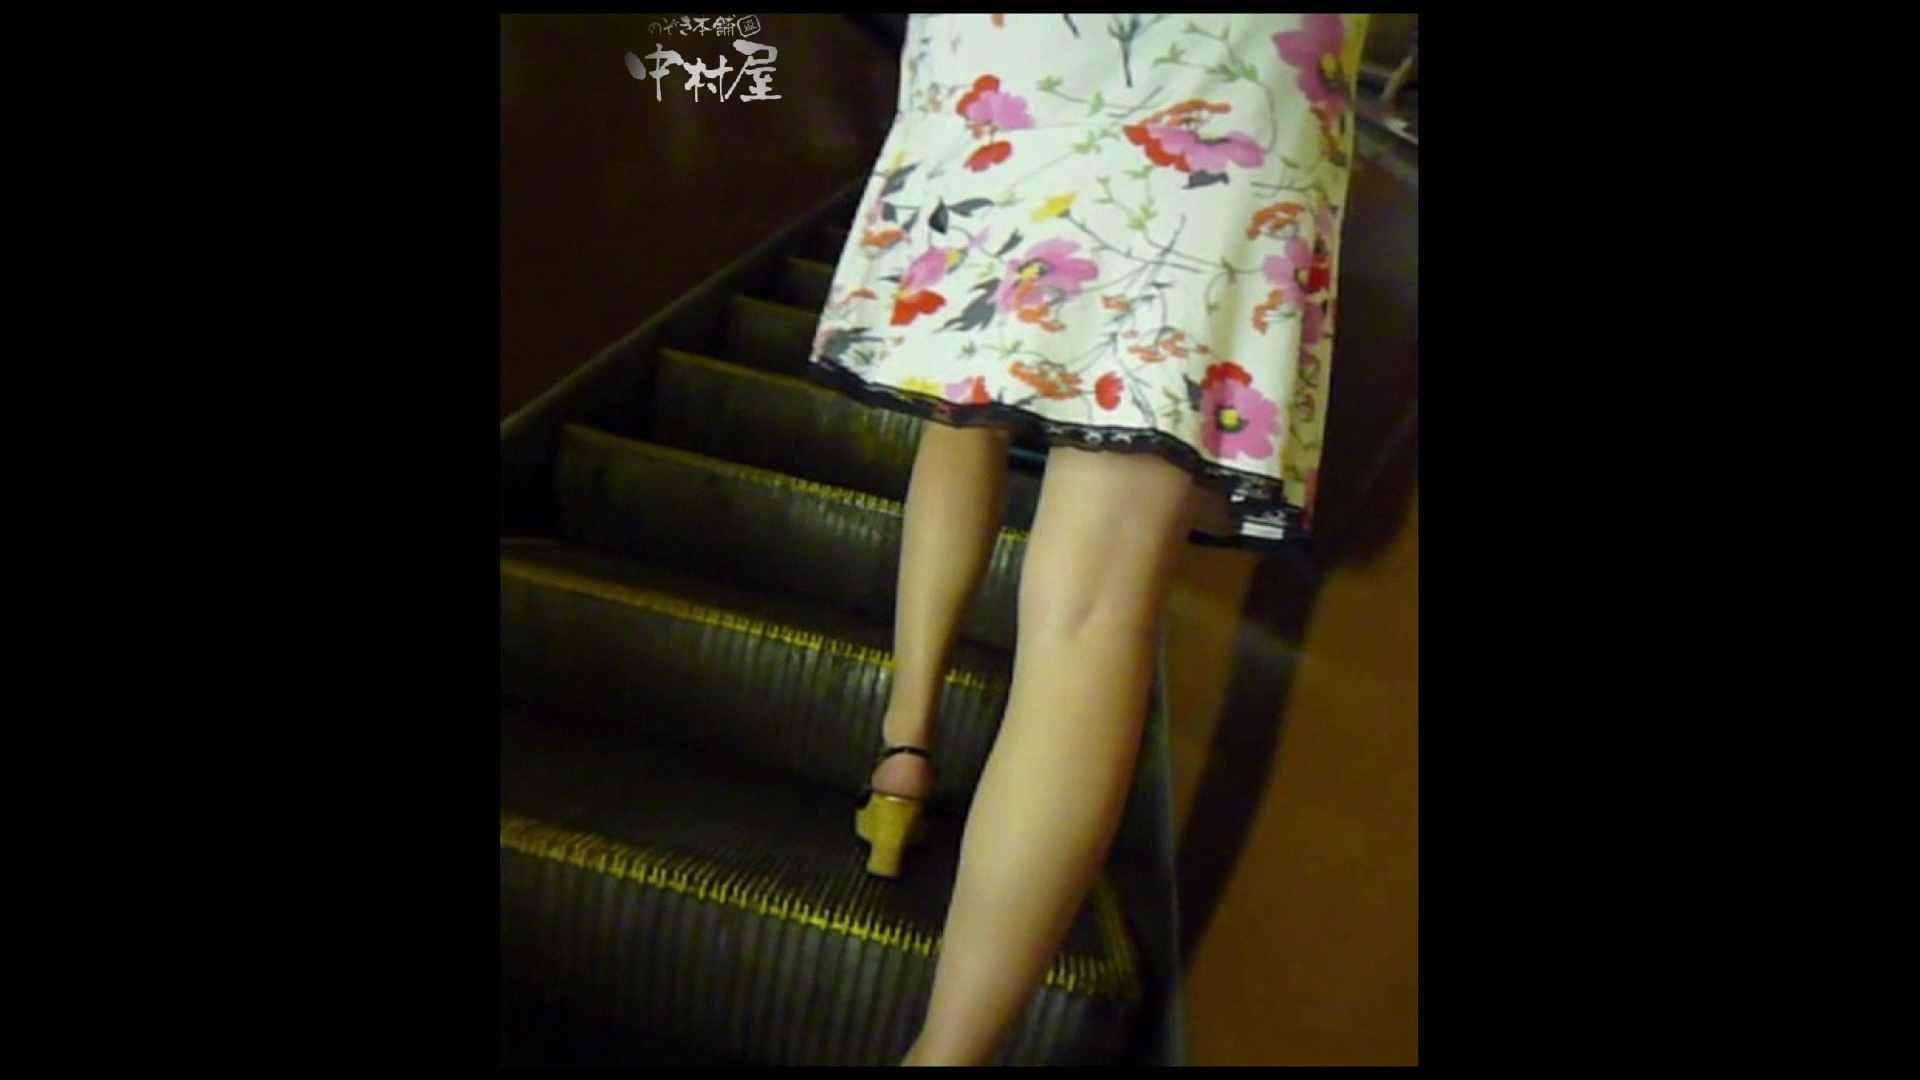 綺麗なモデルさんのスカート捲っちゃおう‼ vol29 0   0  68pic 57